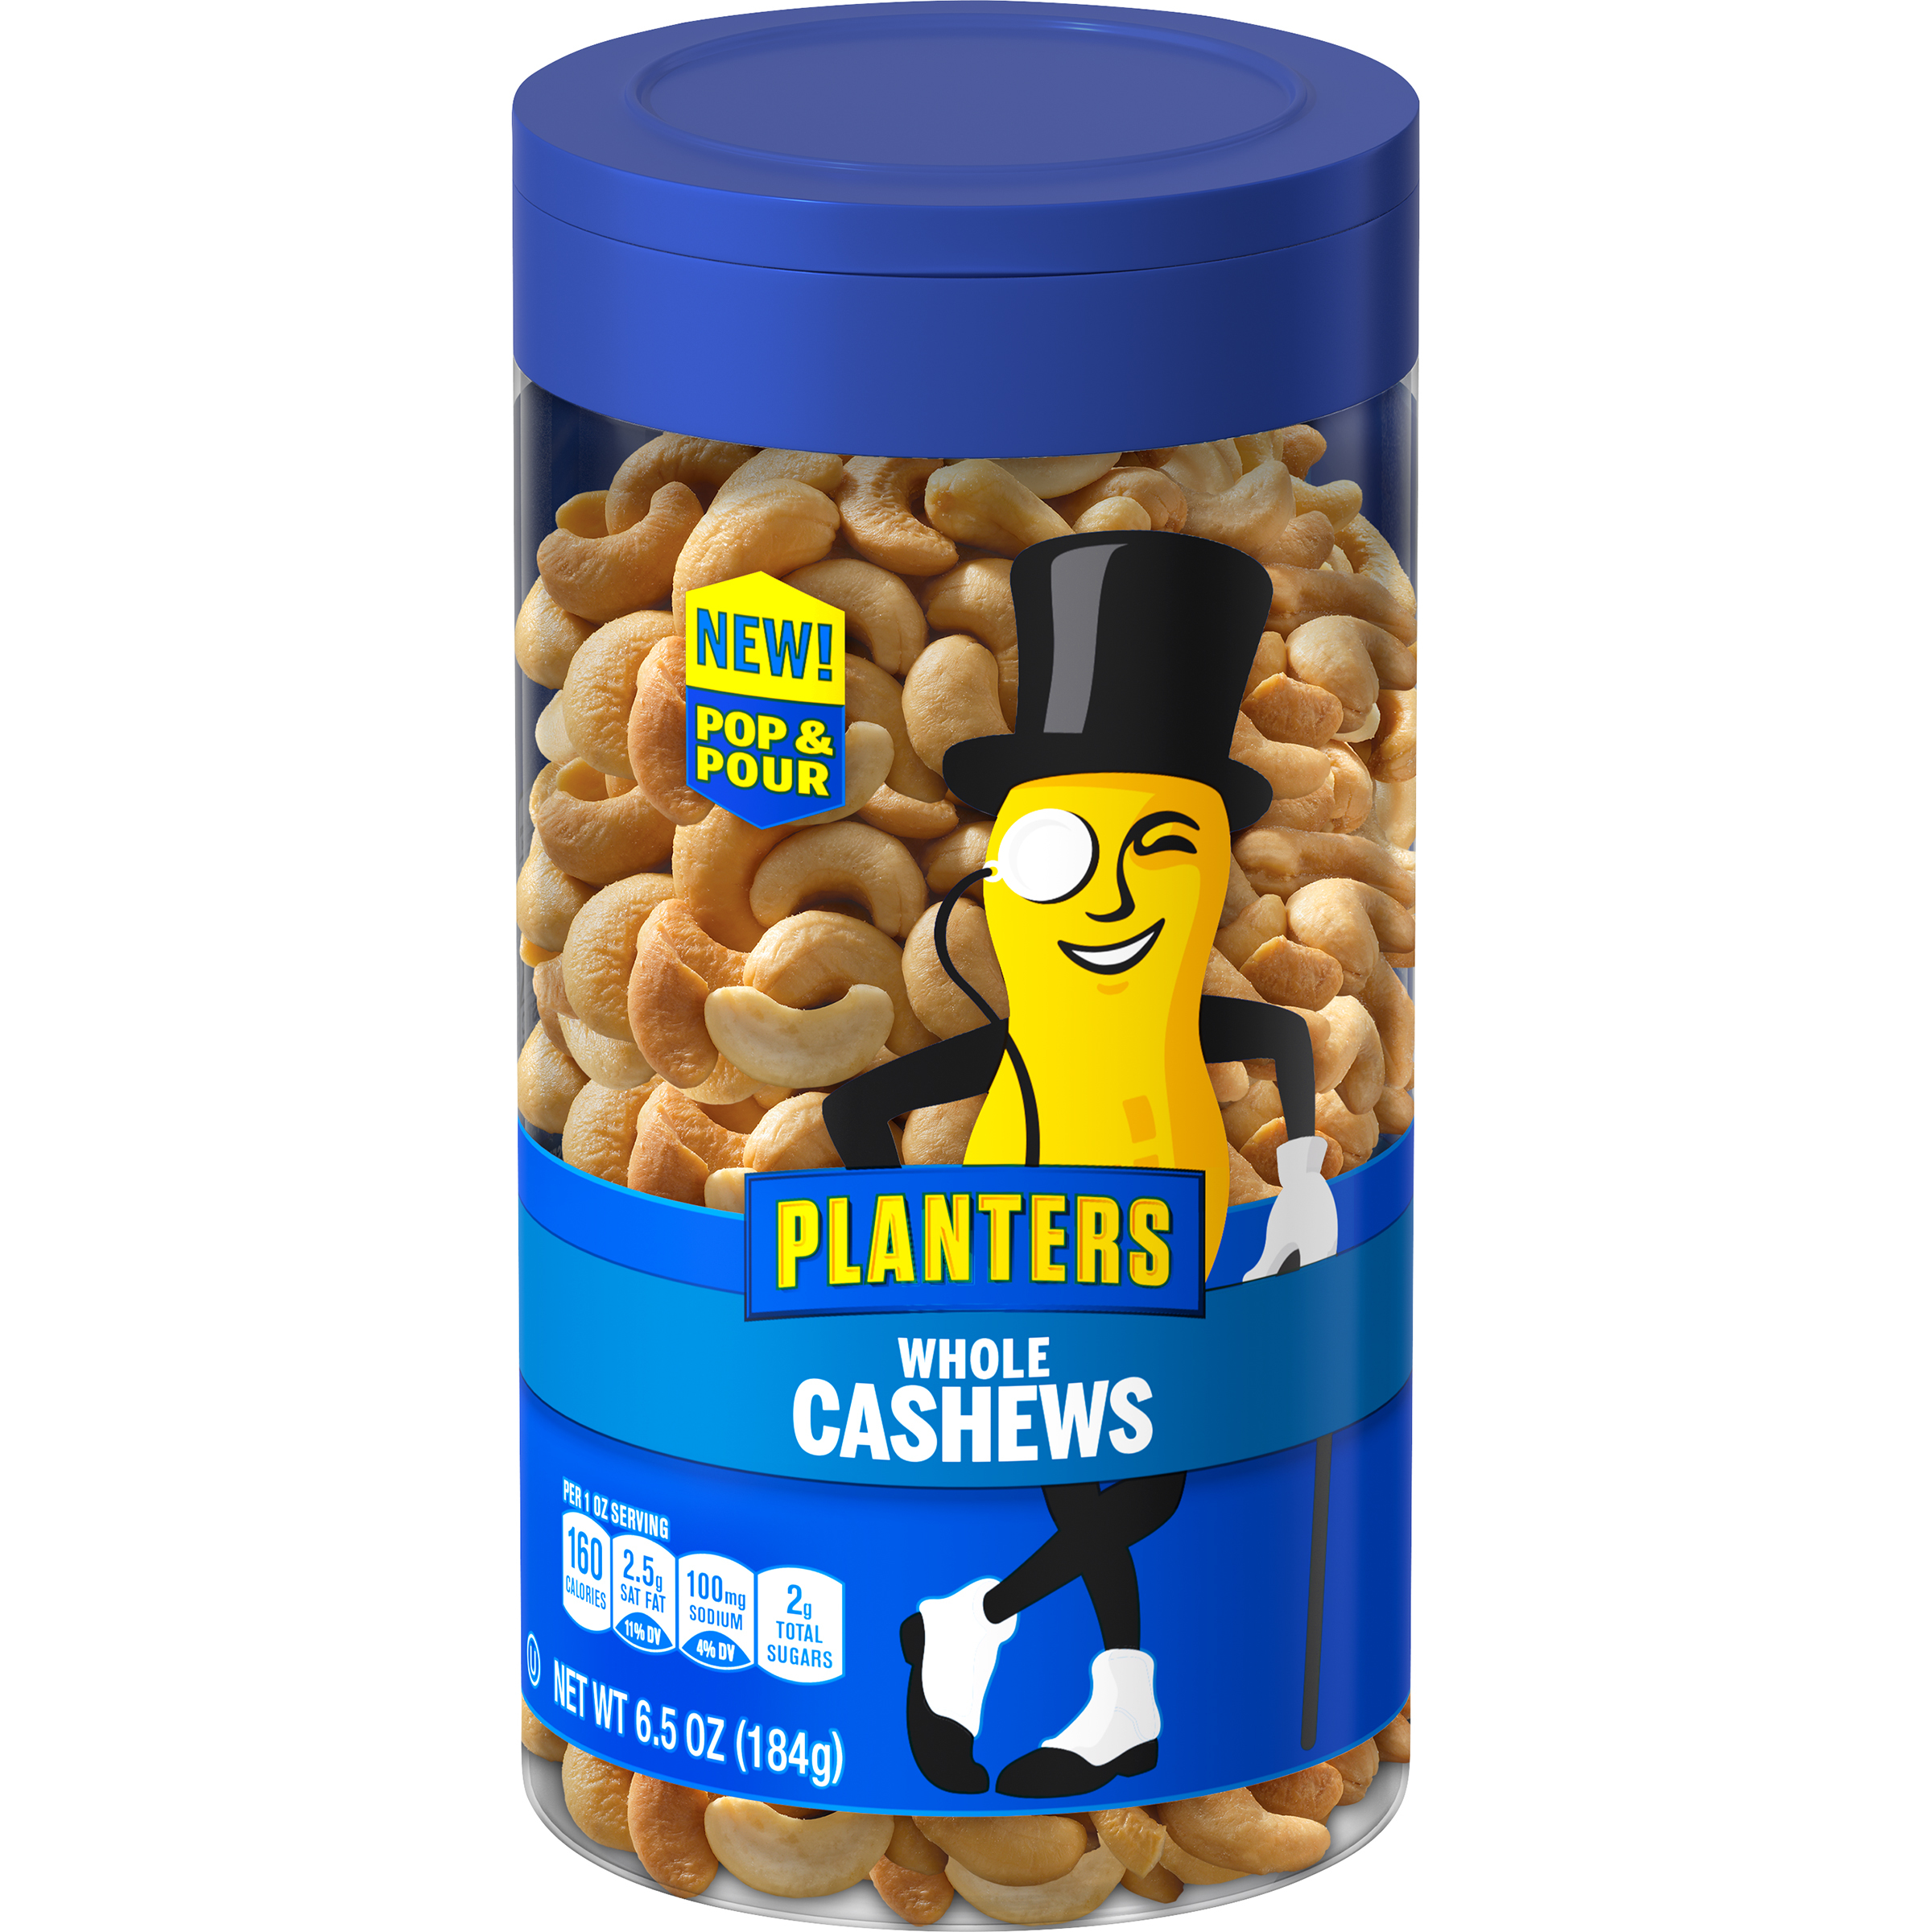 PLANTERS® Pop & Pour Whole Cashews 6.5 oz jar